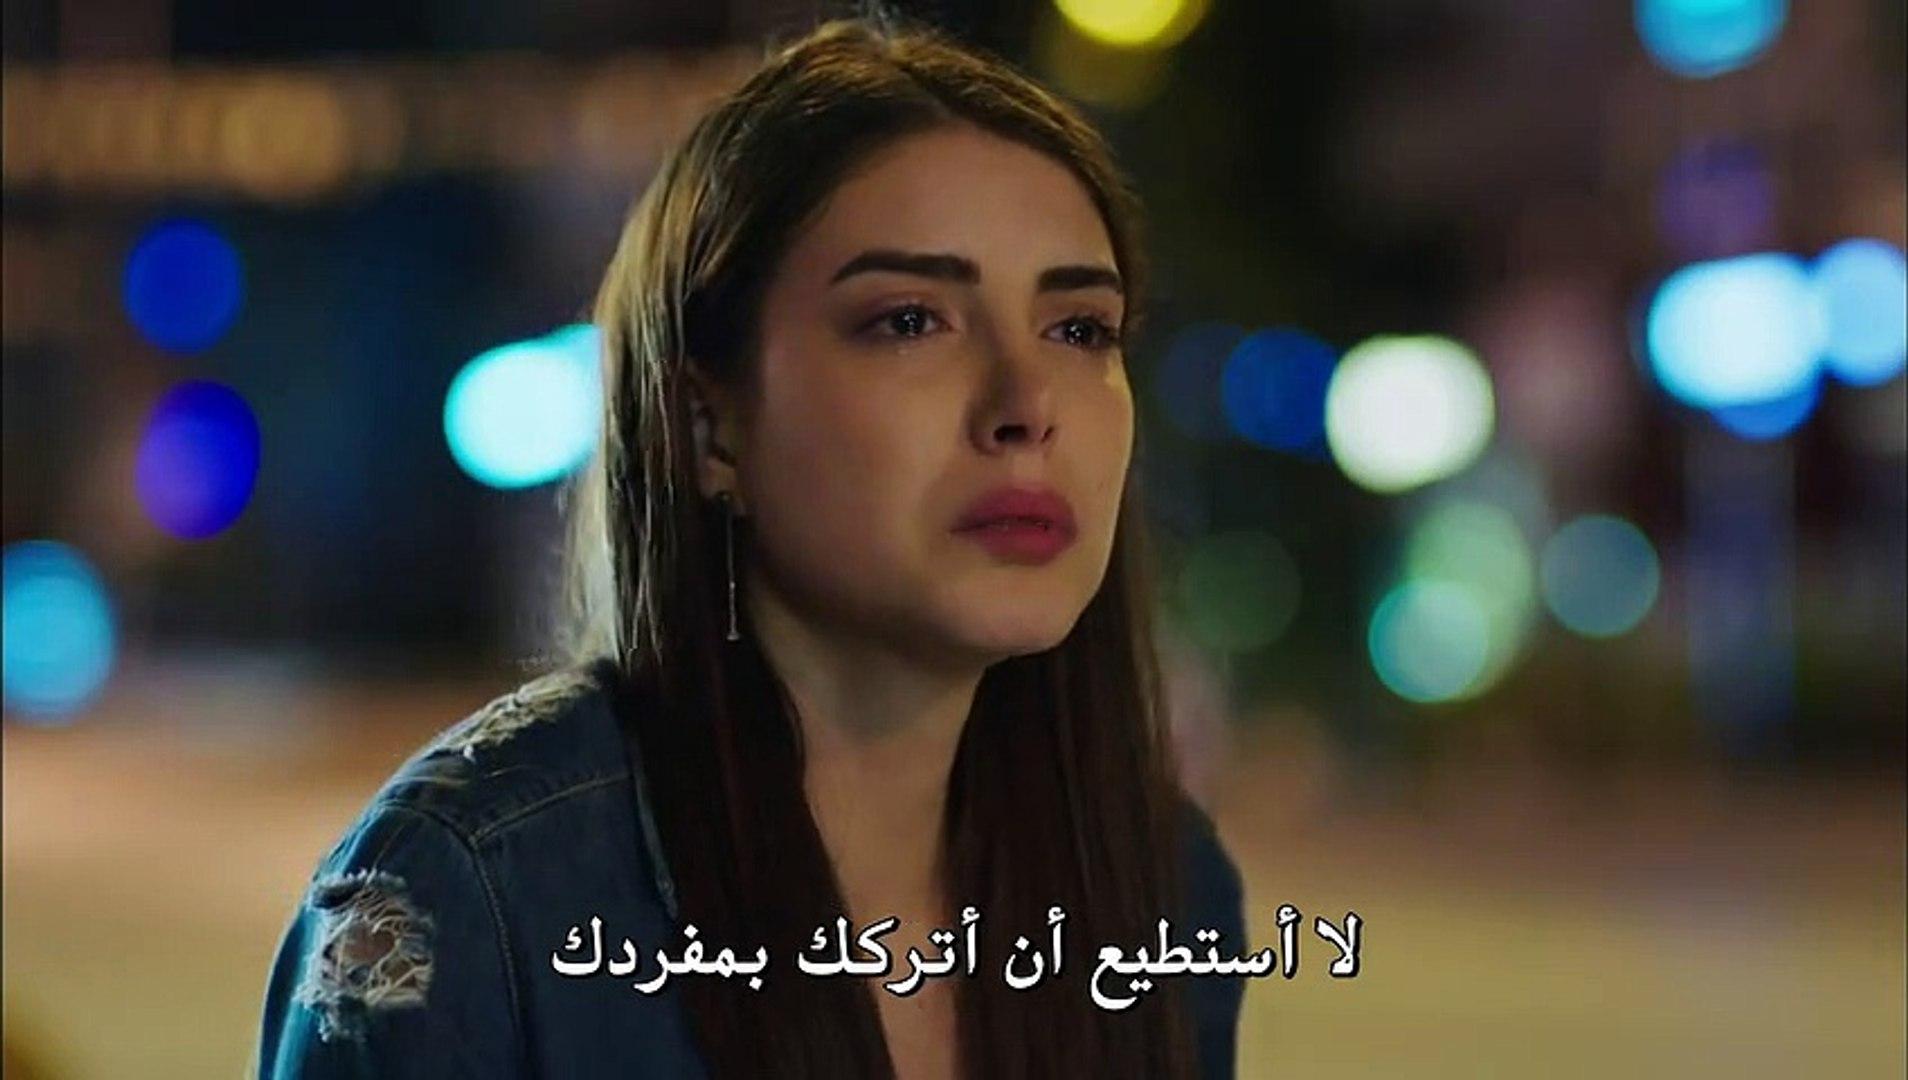 مسلسل فضيلة وبناتها الحلقة 50 كاملة والاخيرة القسم 1 مترجم للعربية